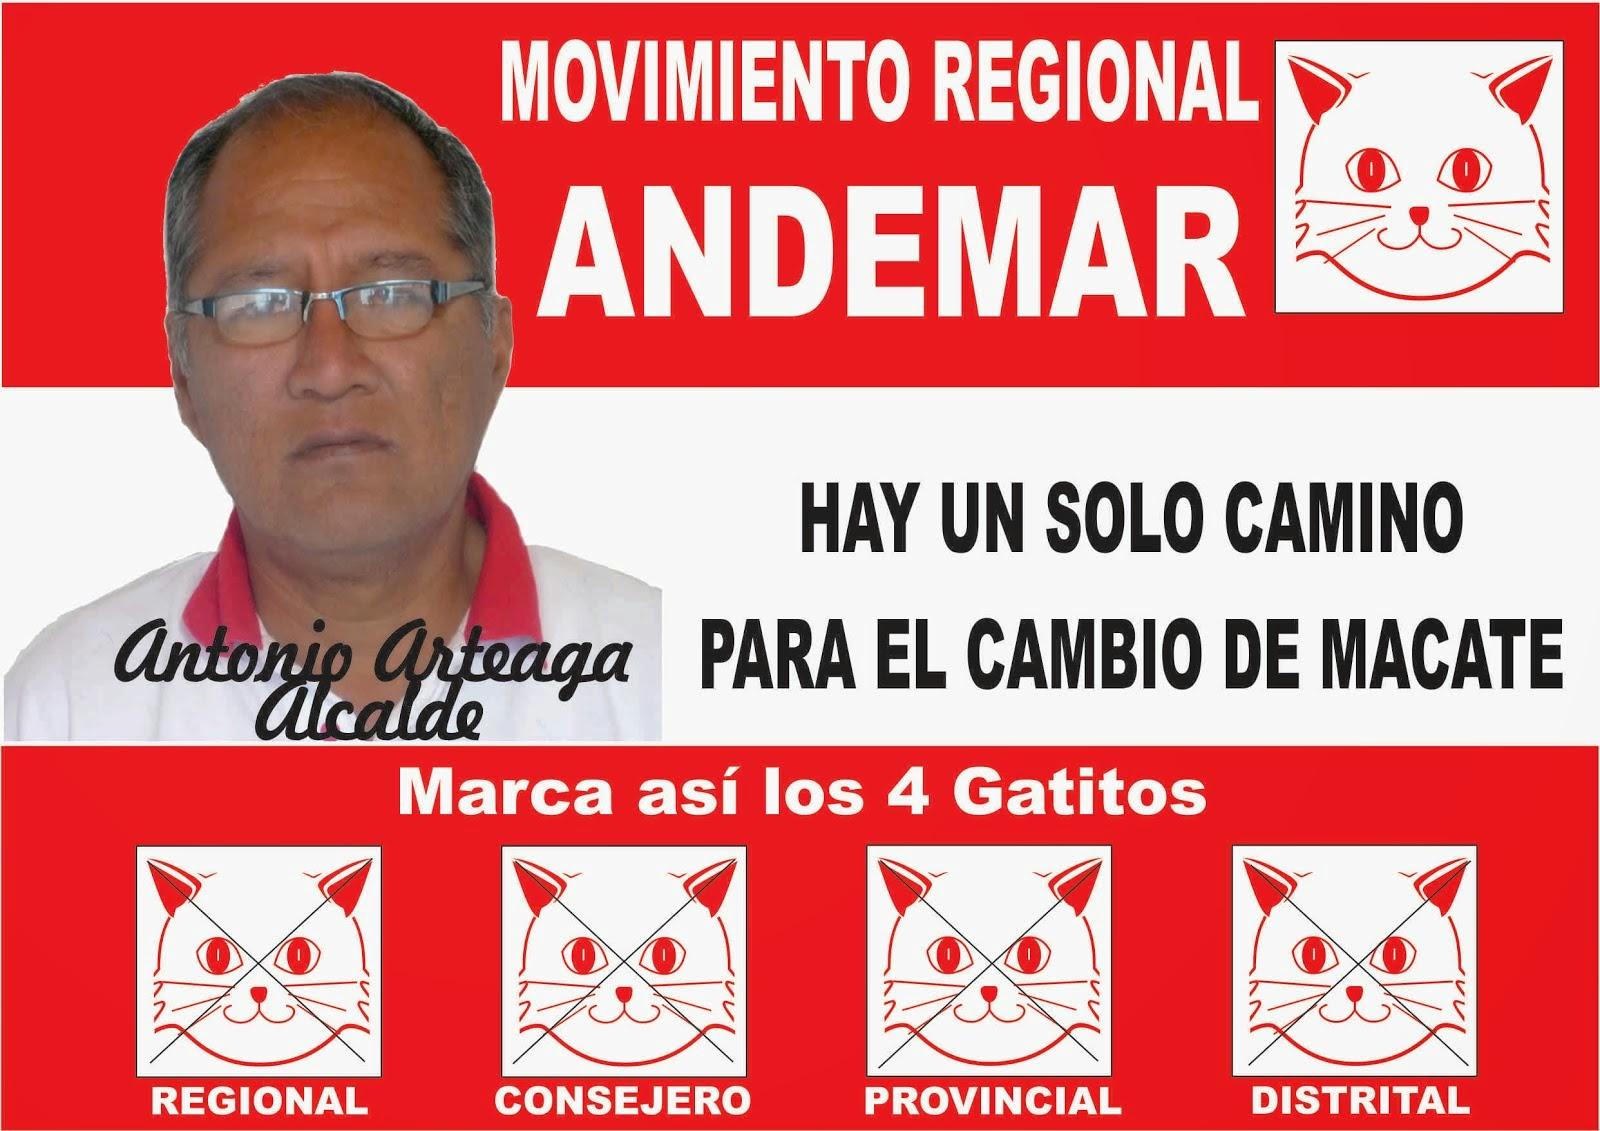 HAY UN SOLO CAMINO PARA EL CAMBIO DE MACATE